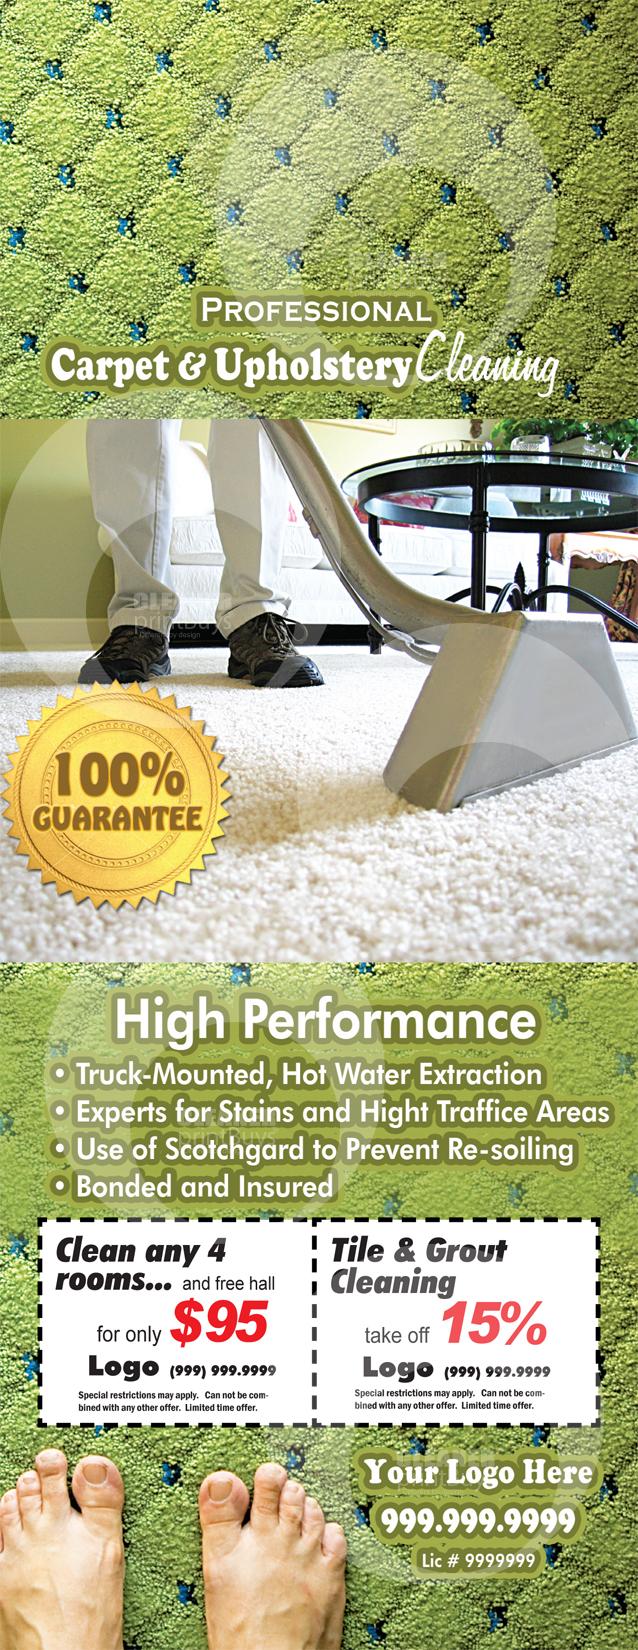 Carpet Cleaning Door Hangers C0002 FRONT VIEW